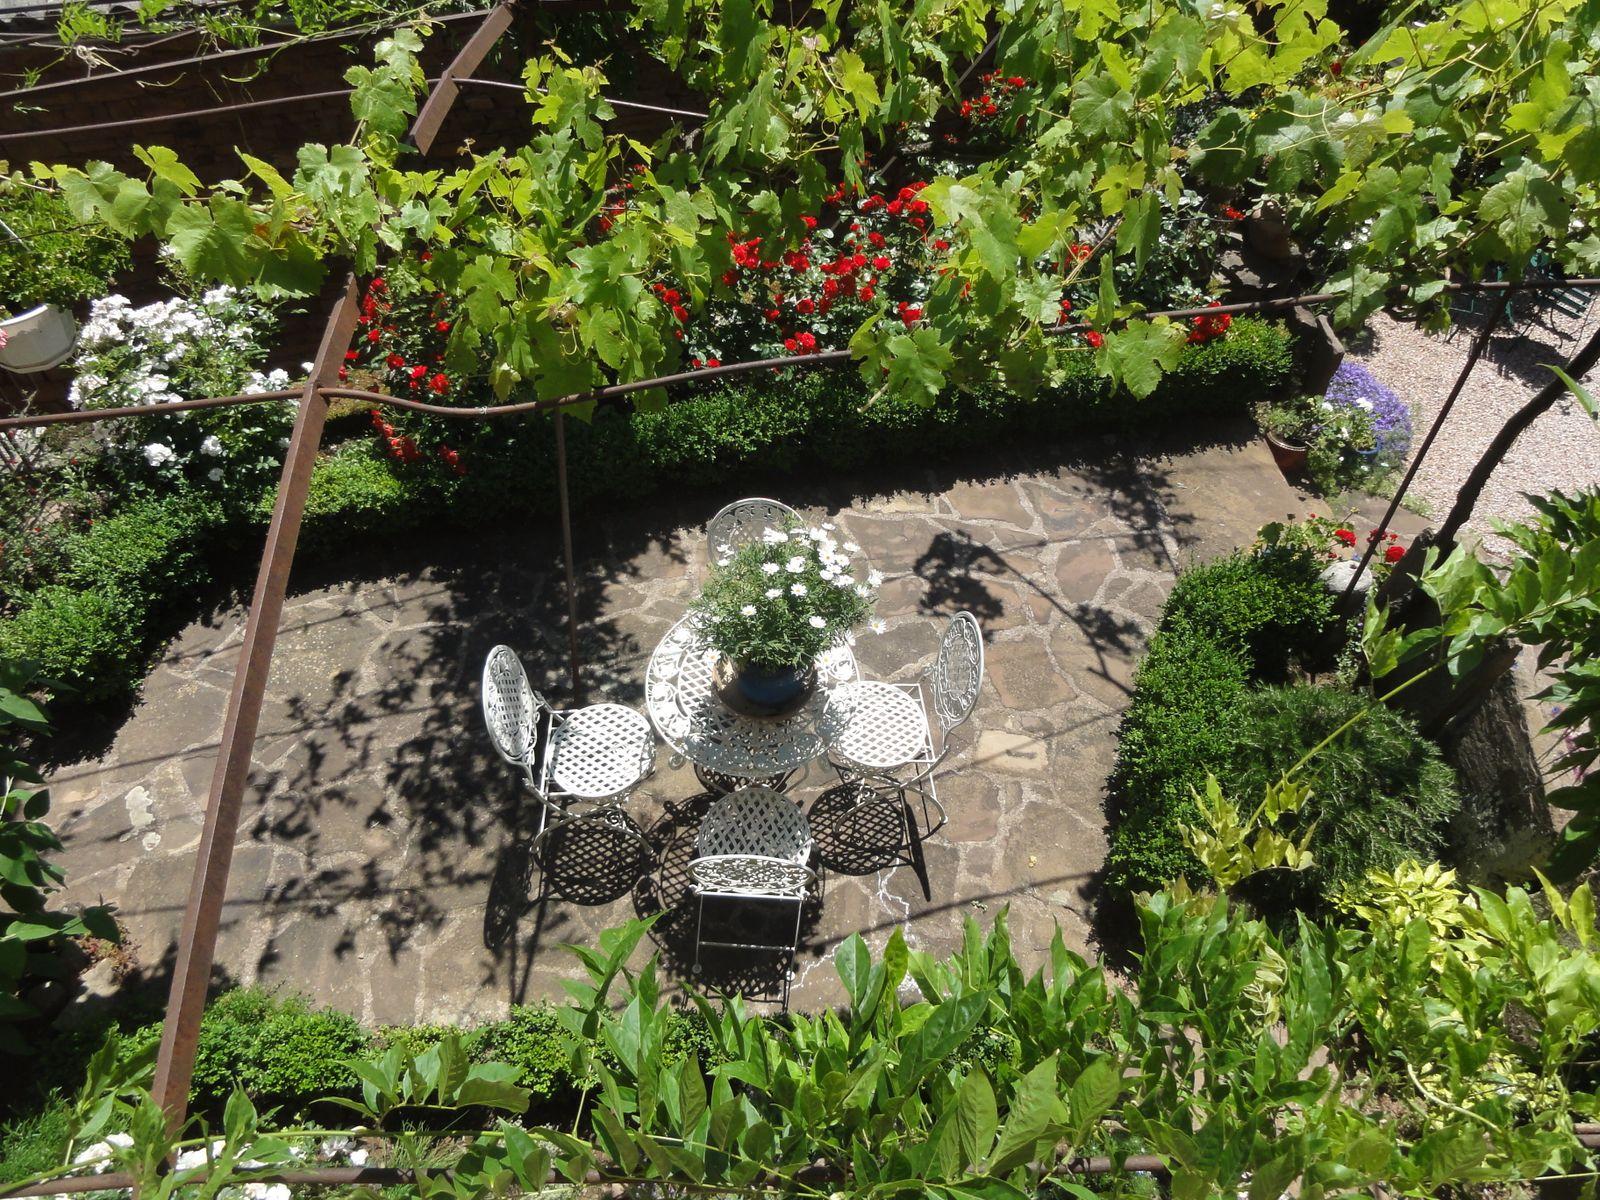 Le jardin vu d'en haut